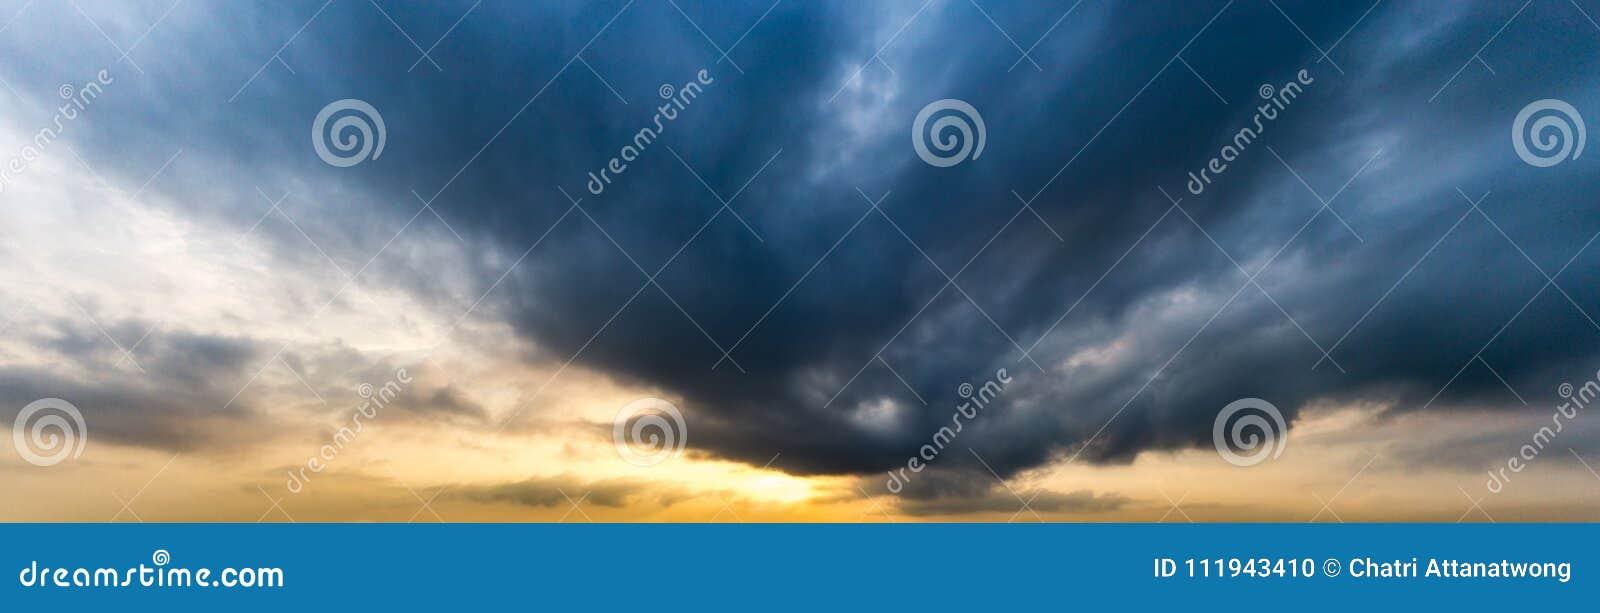 Imagen del panorama de la nube del strom en el cielo en la mañana